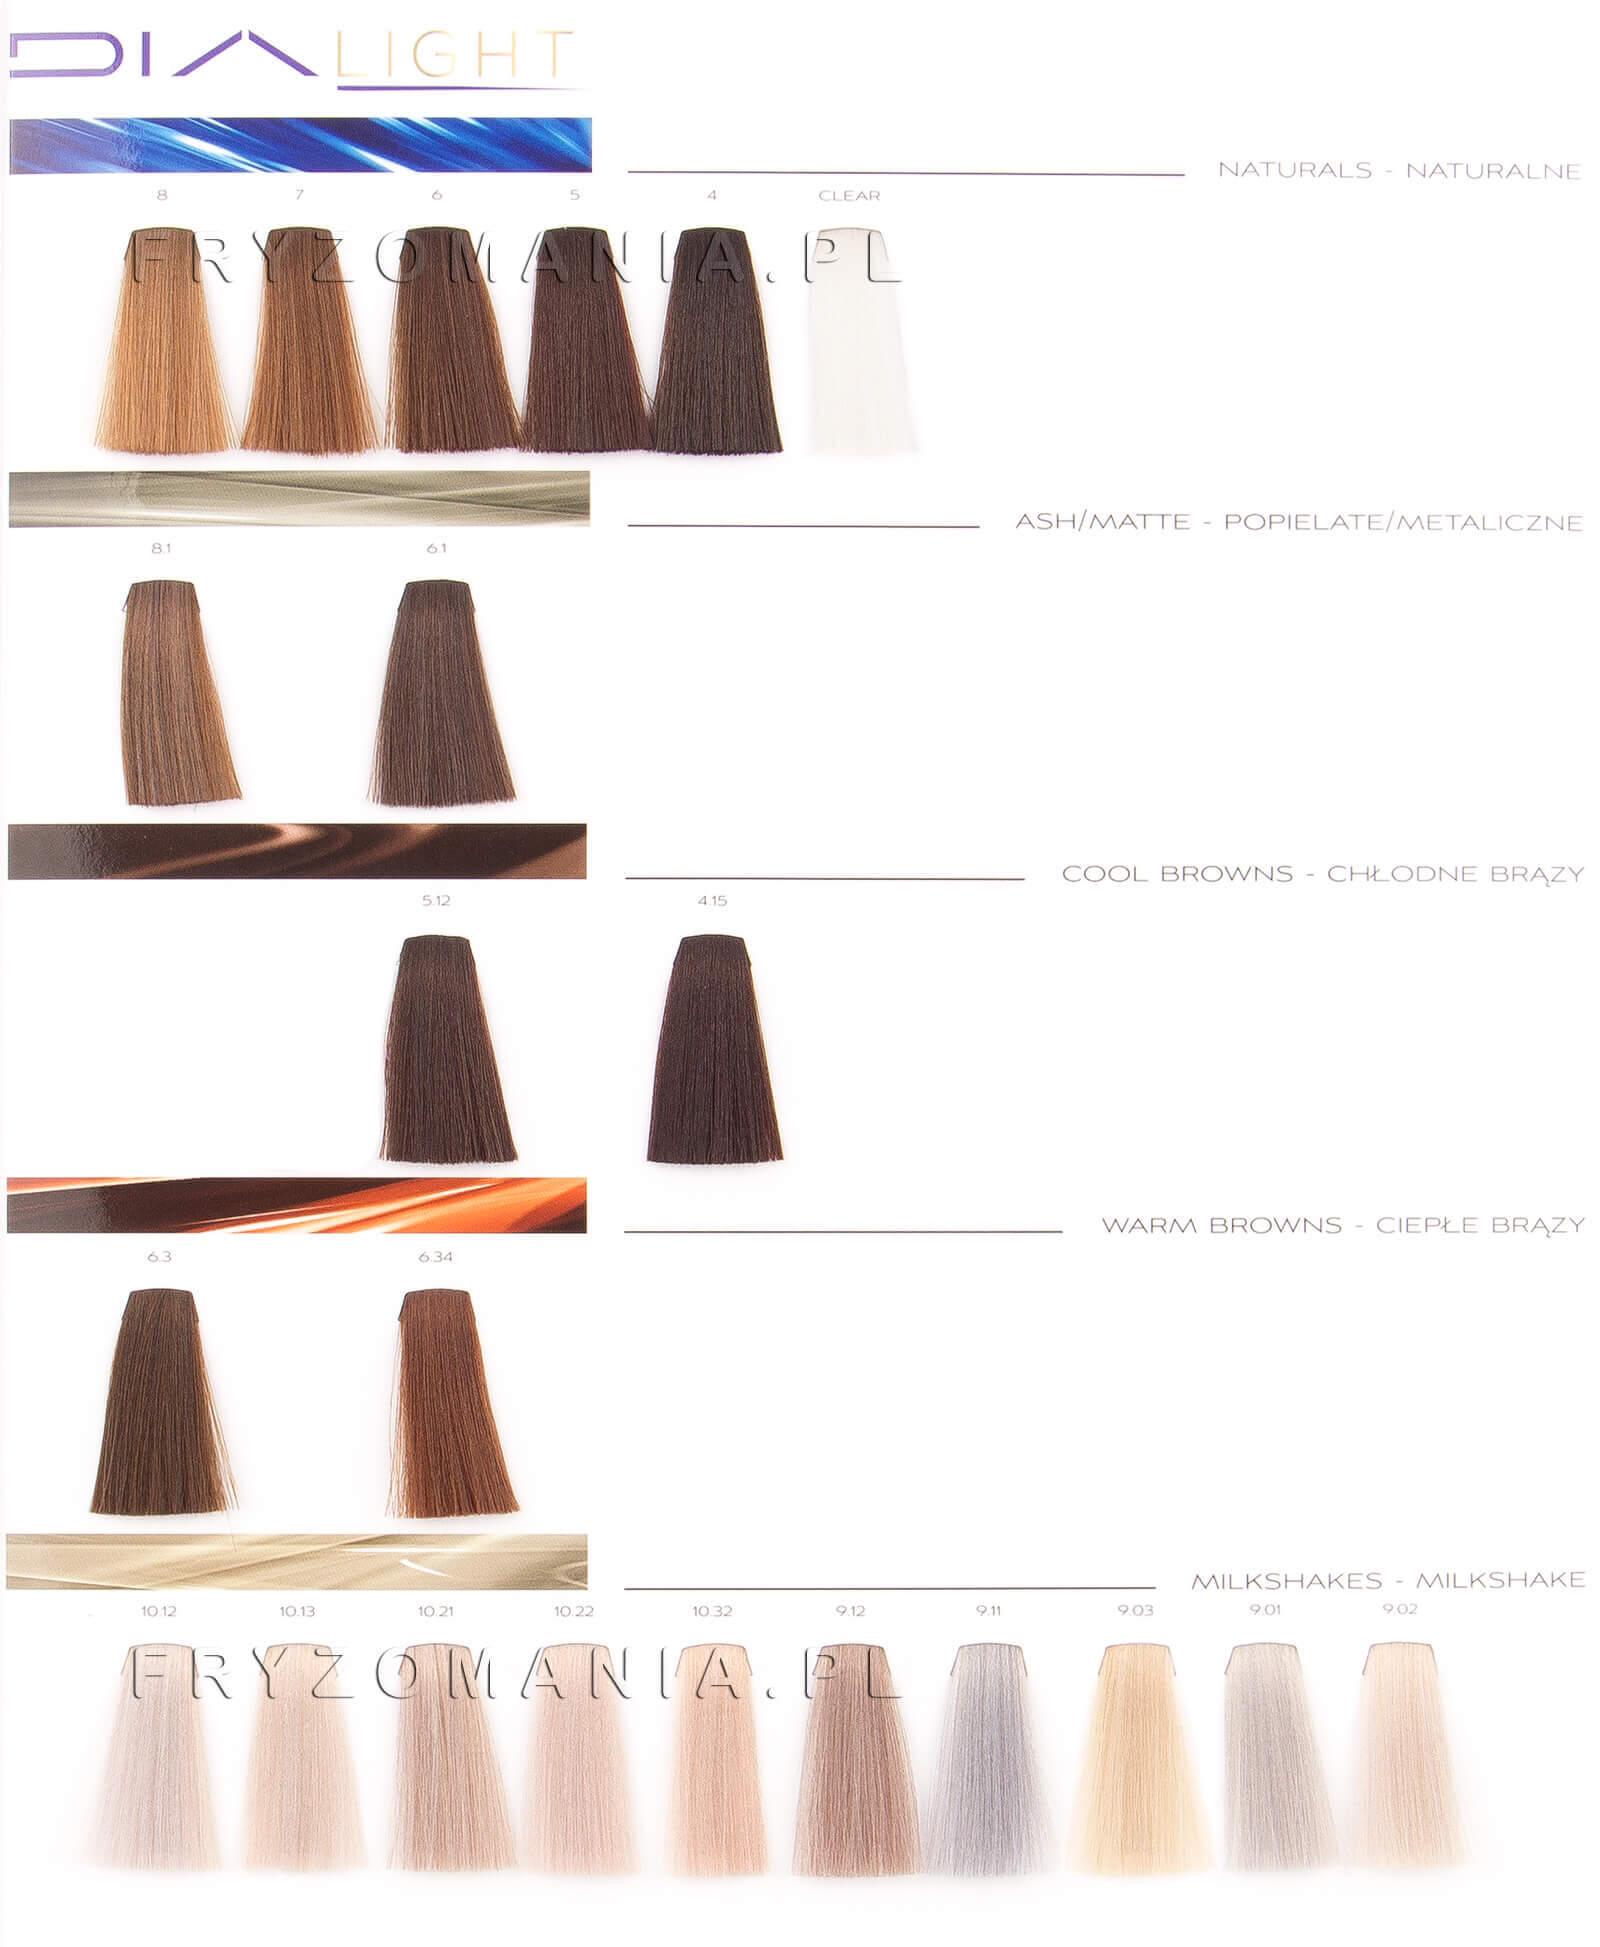 Loreal Dia Light Farba Do Włosów 50ml Koloryzacja Ton W Ton Bez